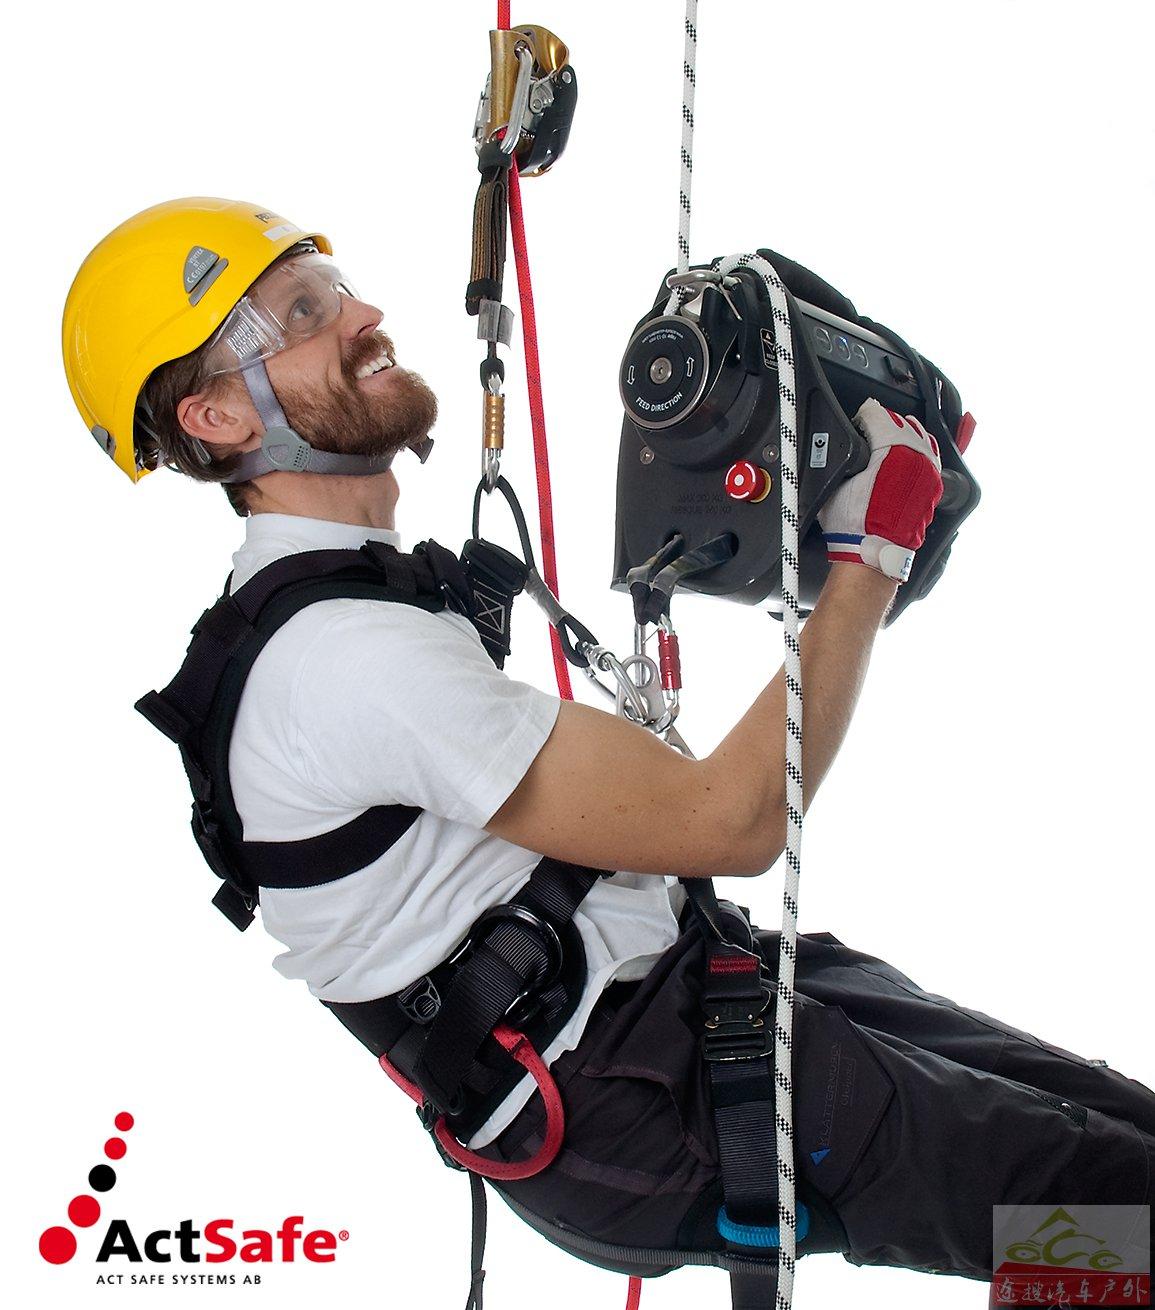 高空作业与绳索技术的安全使用须知